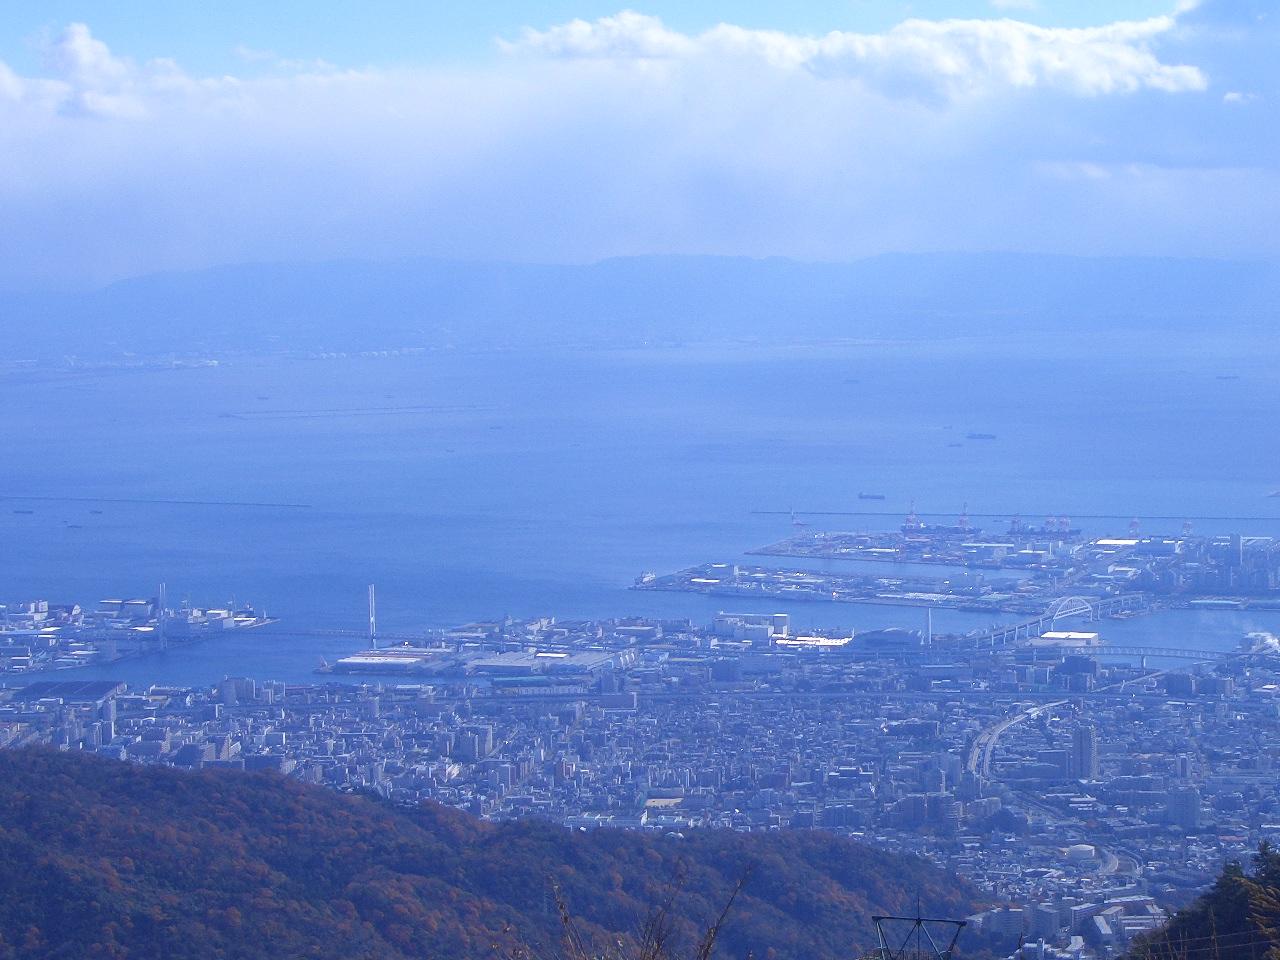 2008.12.8すじかま&ガーデンテラス 010.jpg